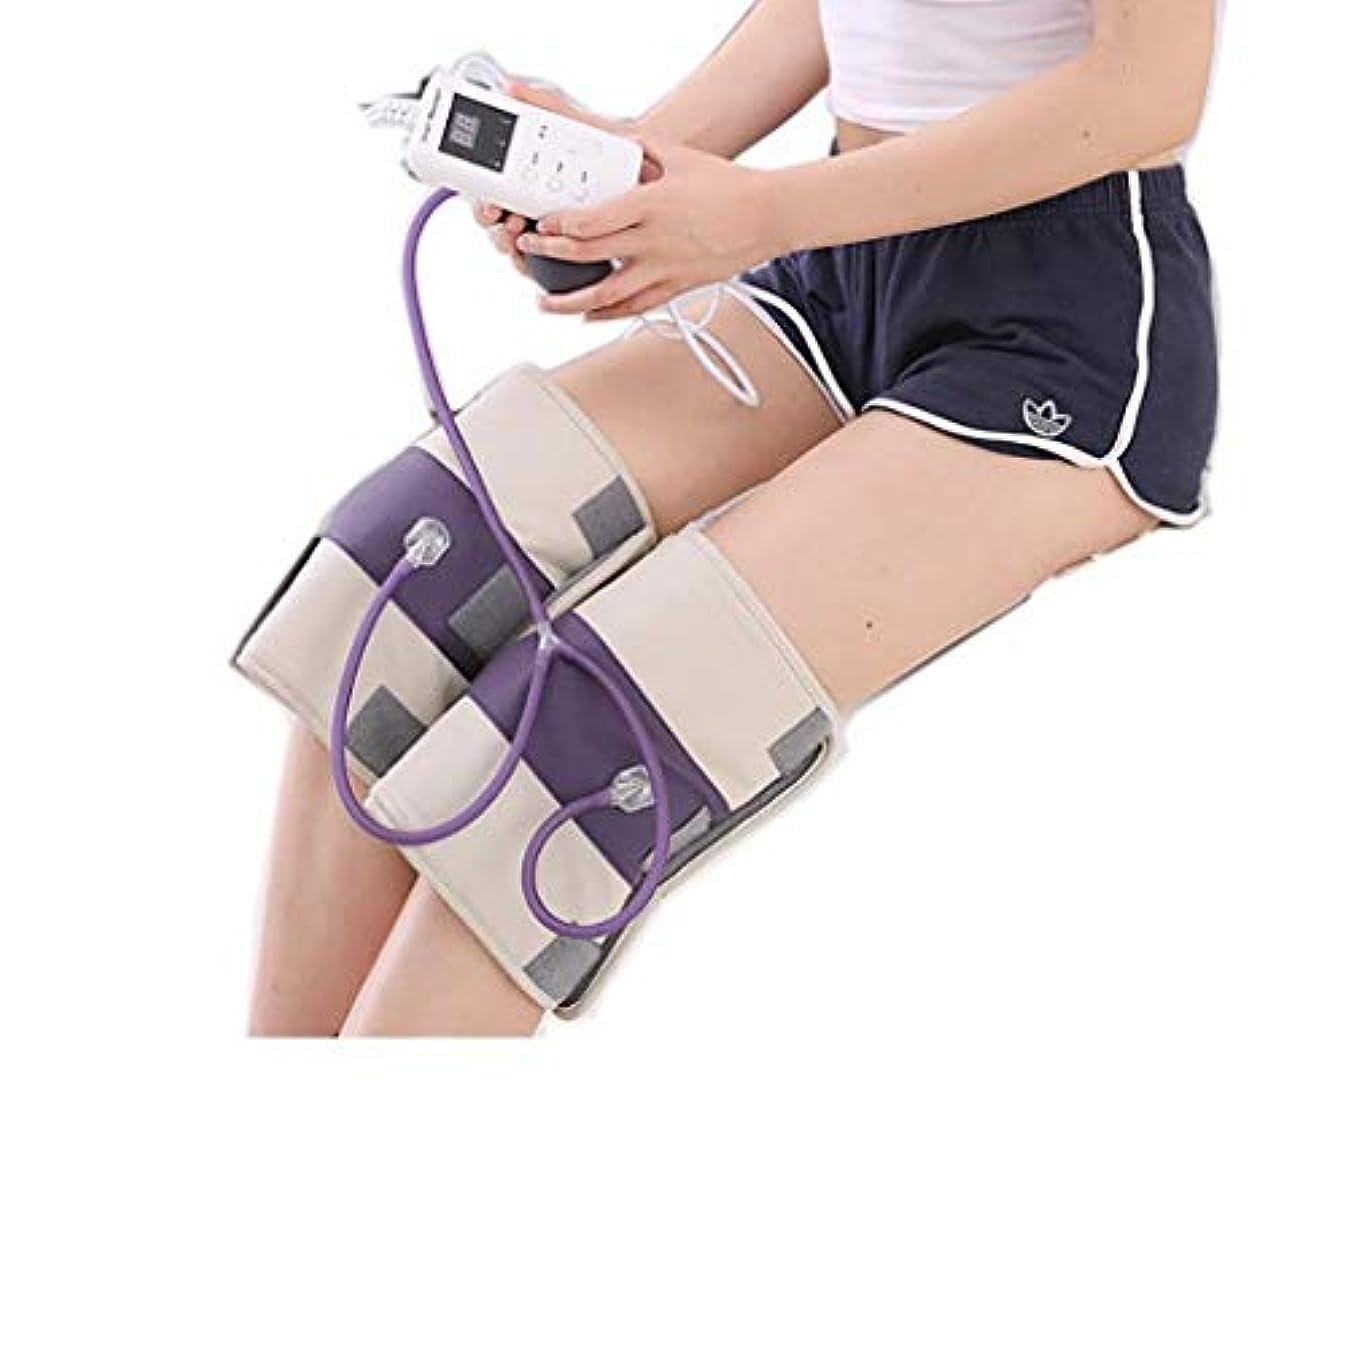 振る舞い小康前に熱くする足のマッサージャー、マッサージの膝パッド、膝の振動マッサージ、M/熱い圧縮/磁気療法、3つの温度調節、理性的なタイミング